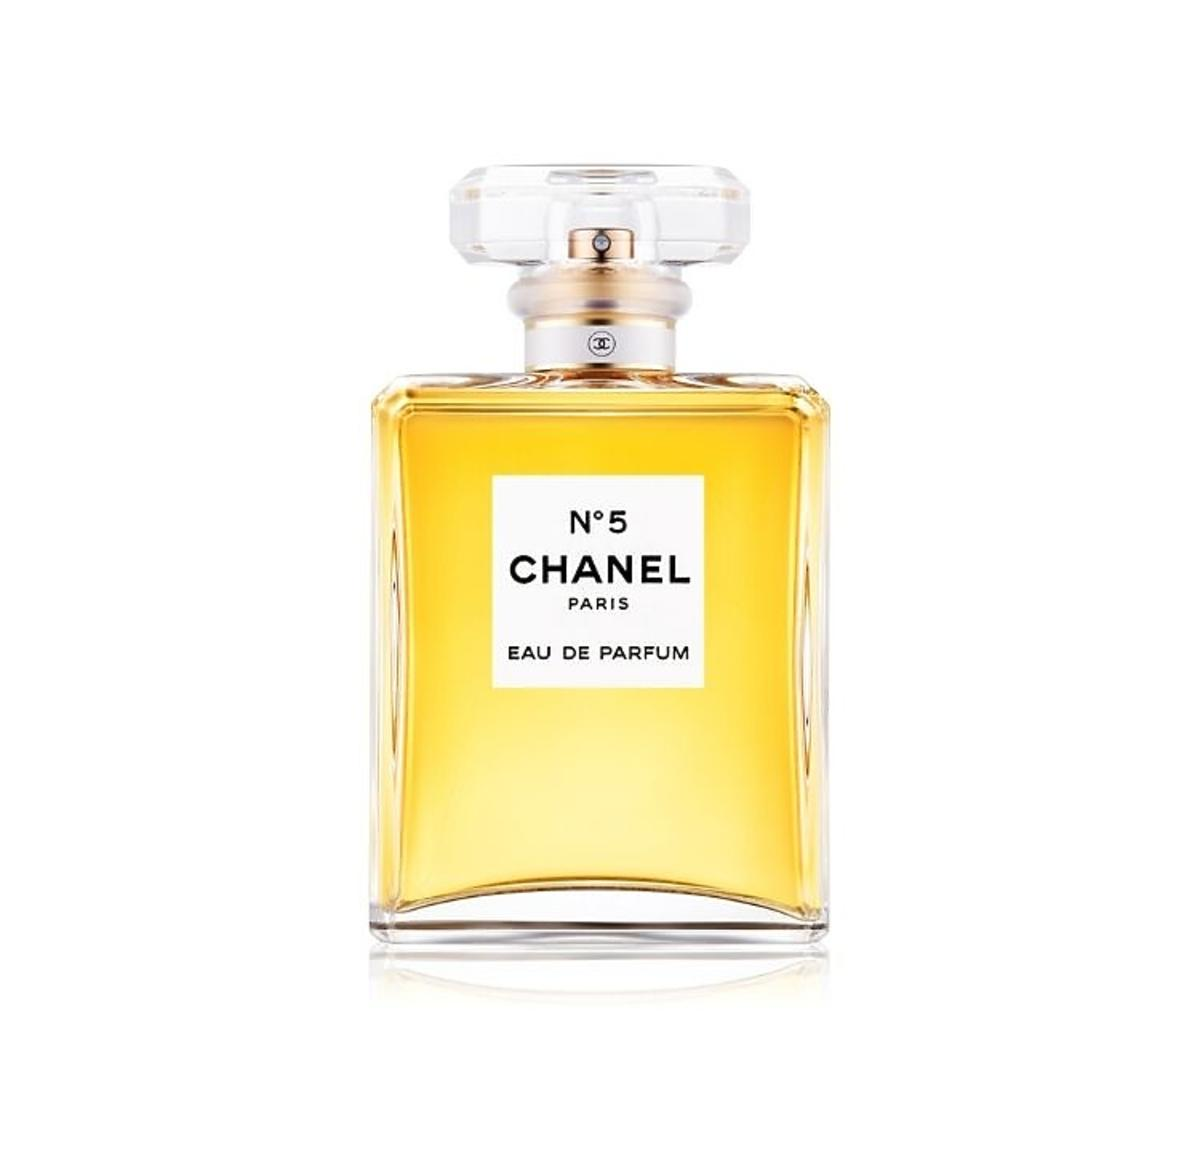 Tańsze perfumy na Black Friday 2019: przeboje wszech czasów, które teraz możesz kupić taniej! /Chanel No 5